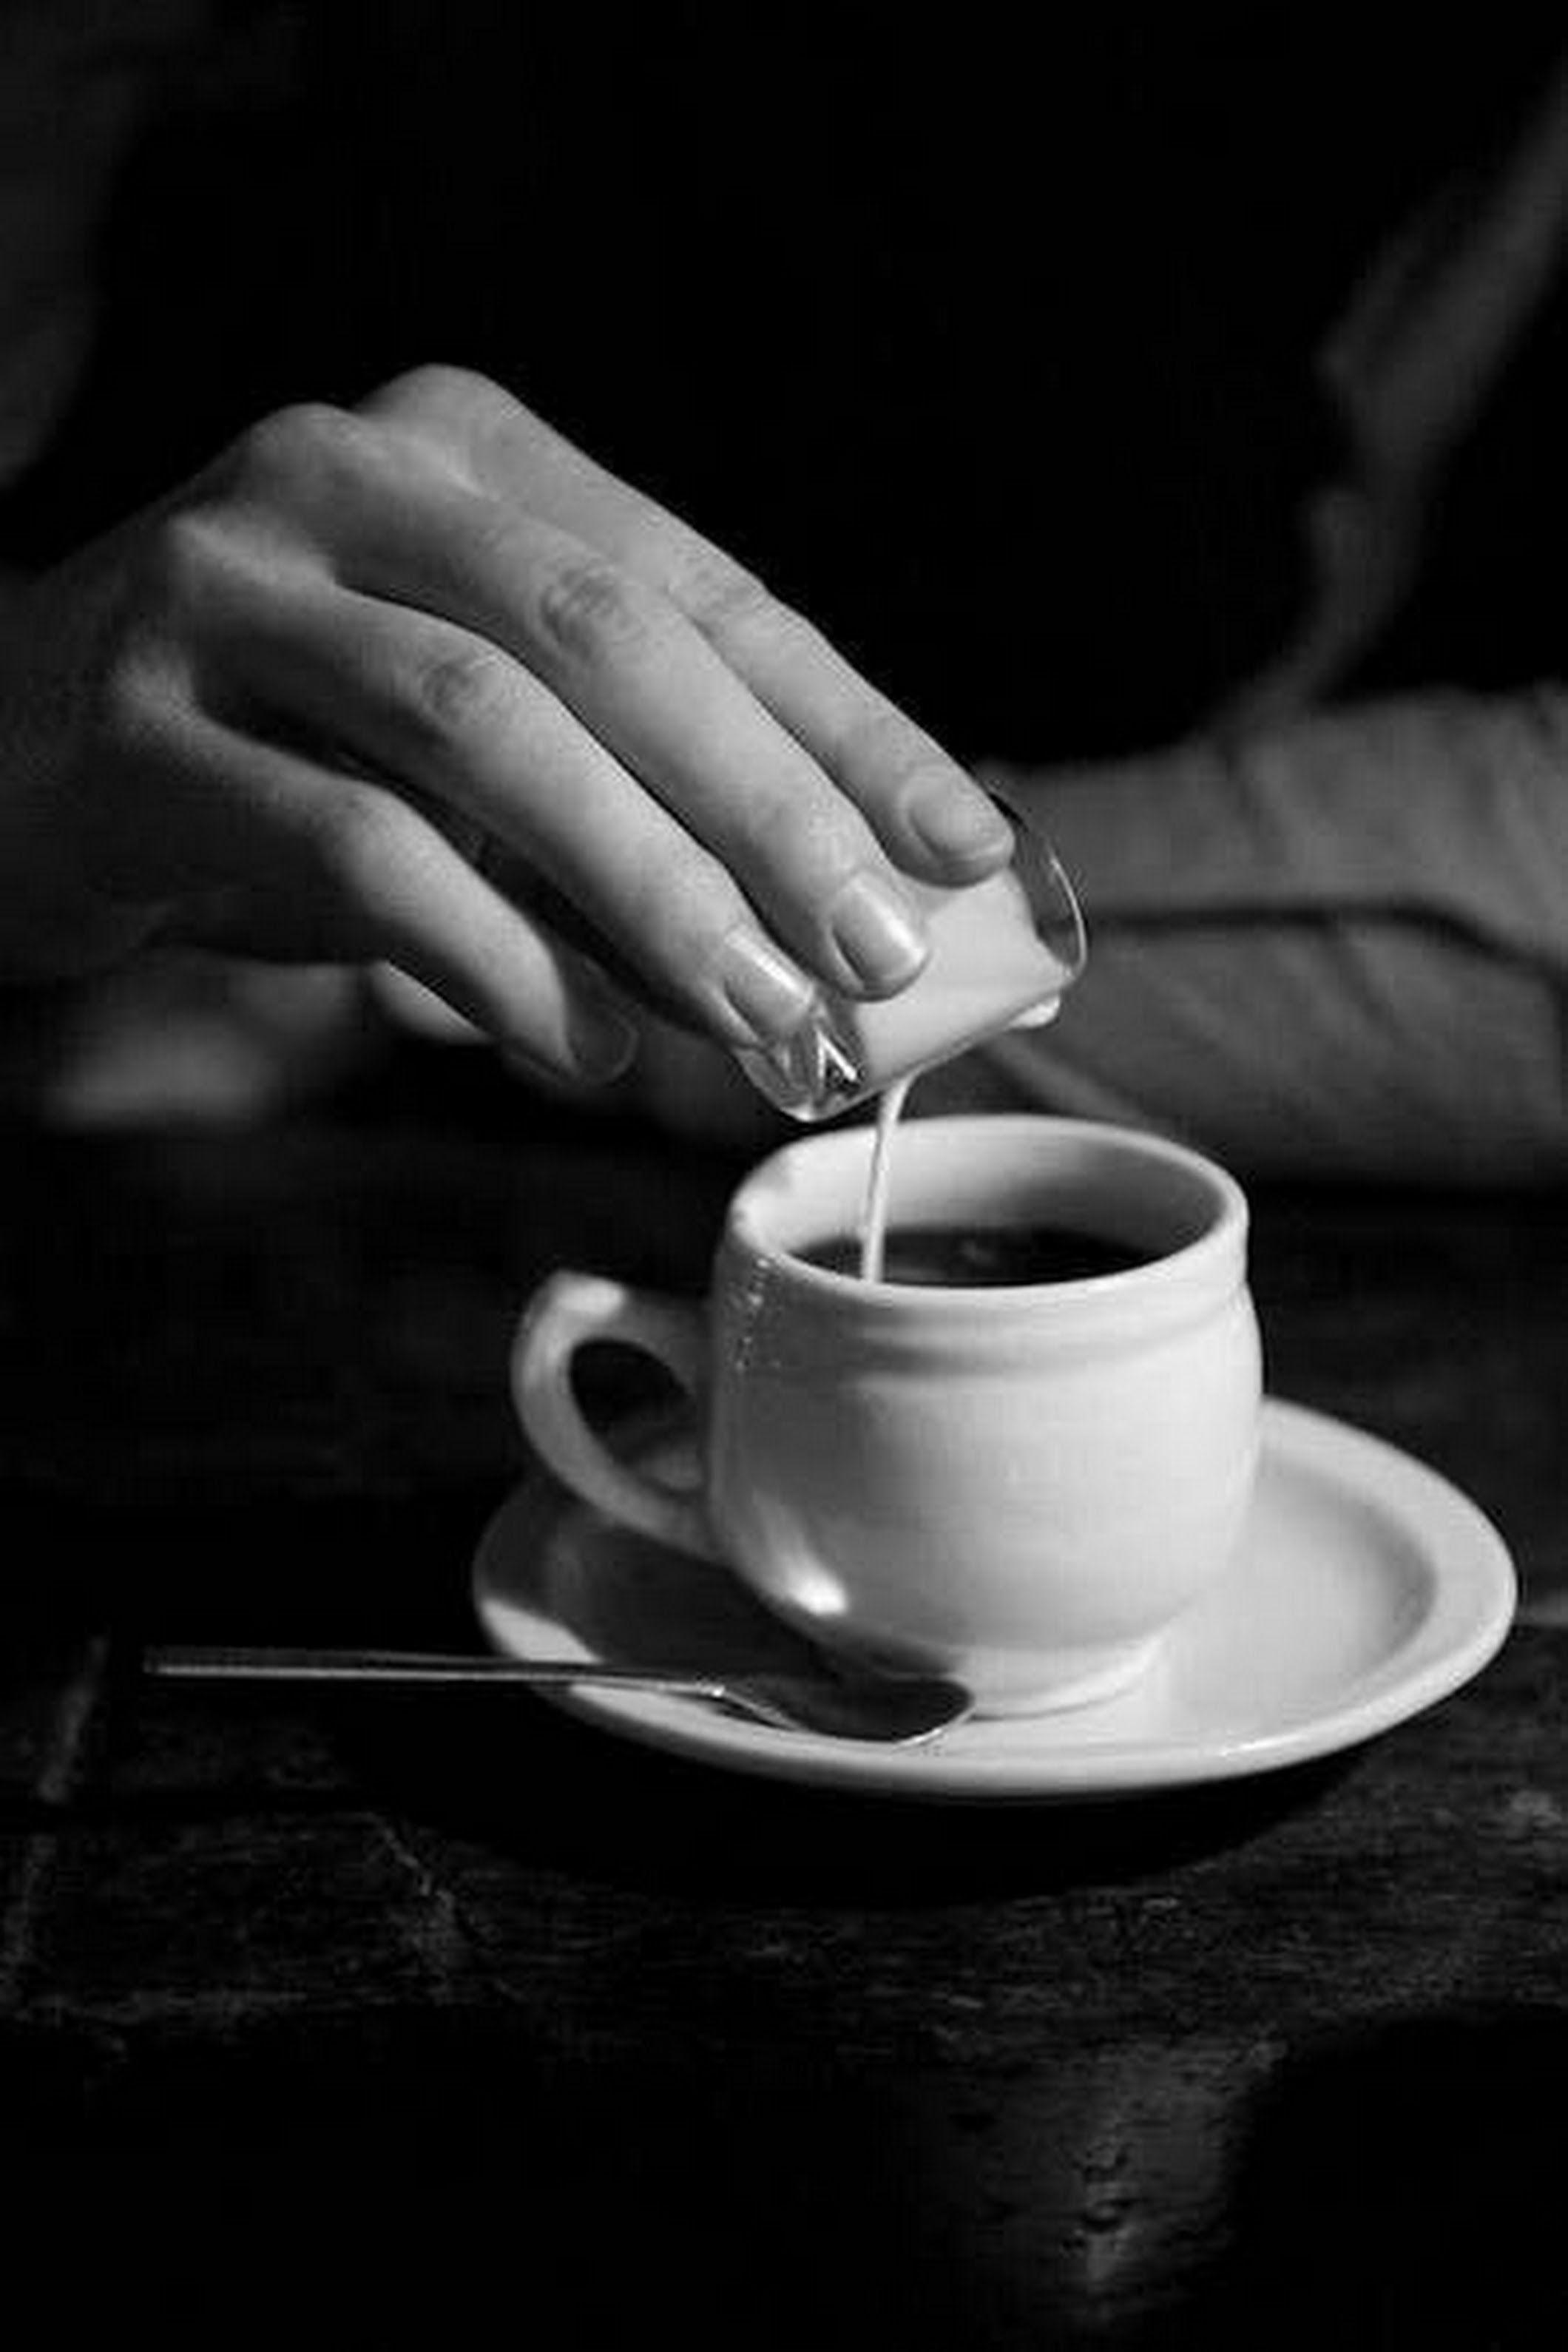 27++ Virtual coffee break discussion topics ideas